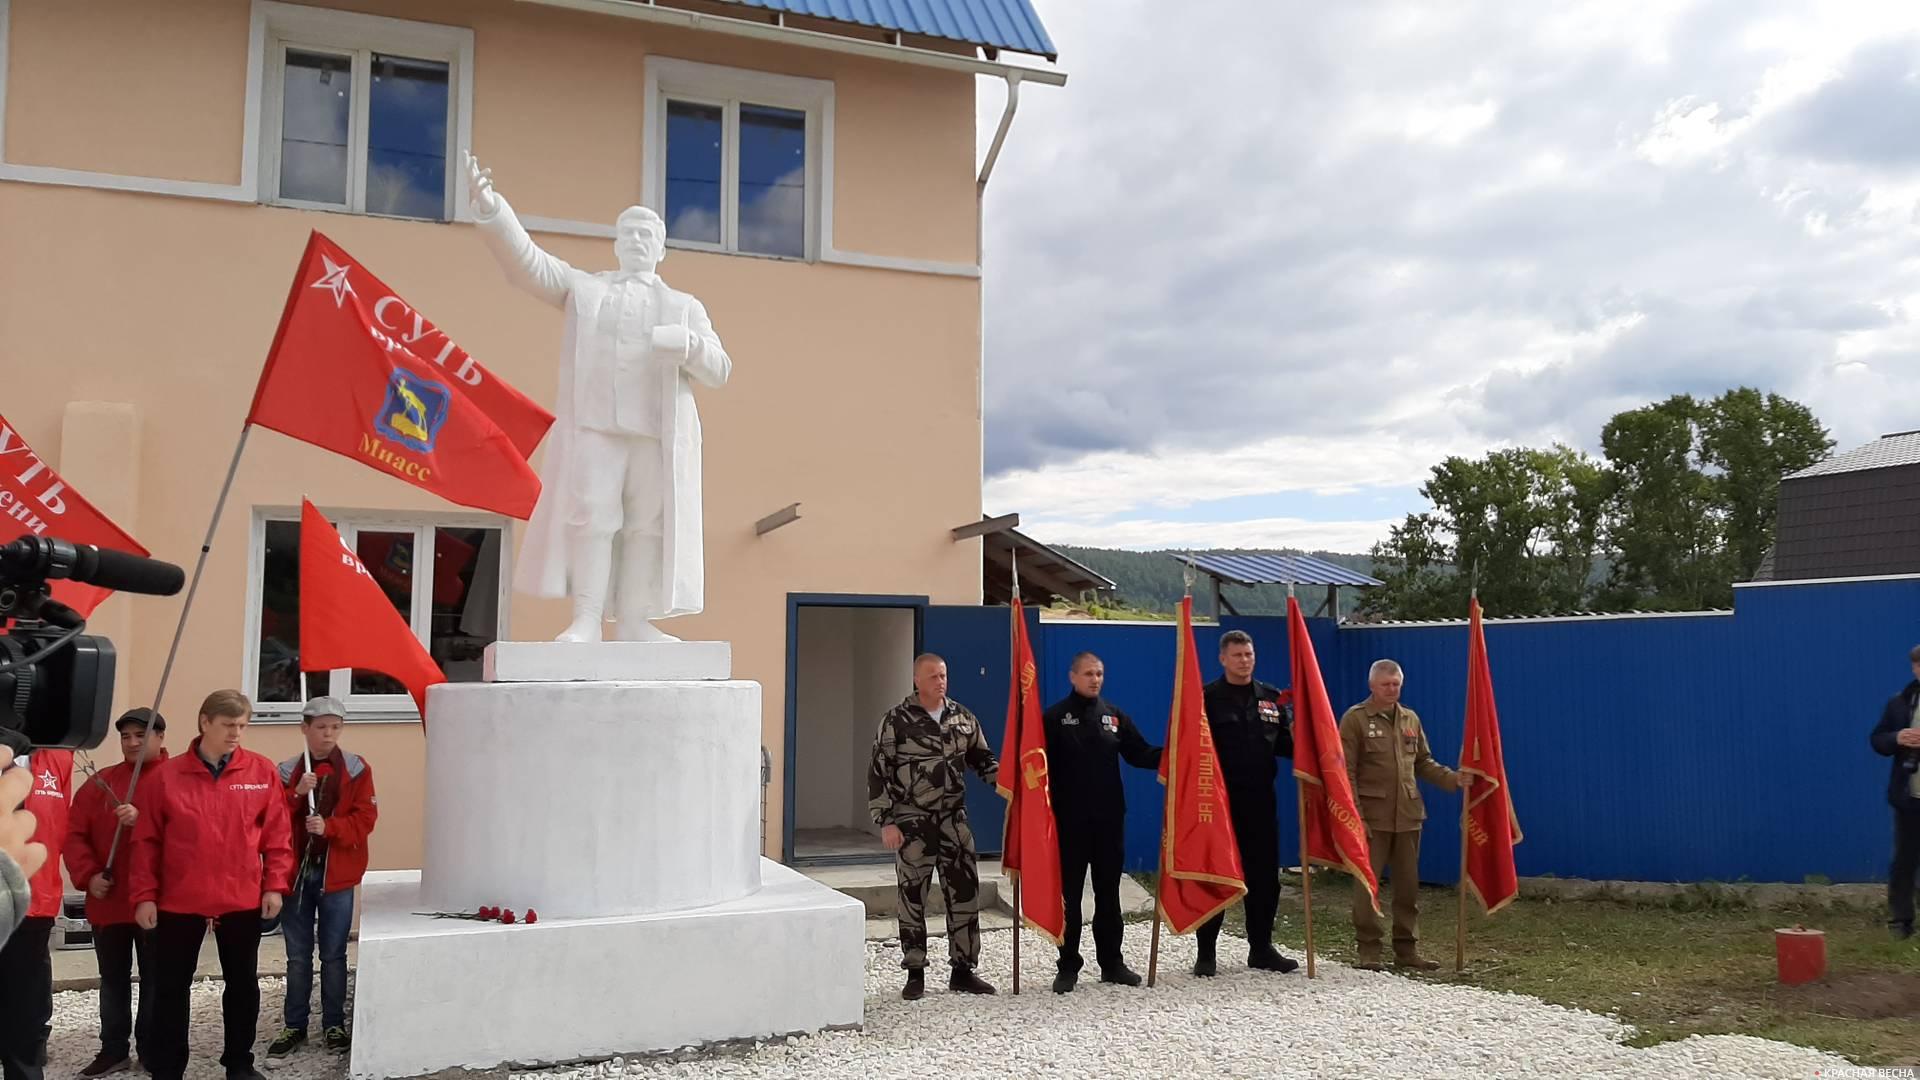 монументы великой отечественной войны